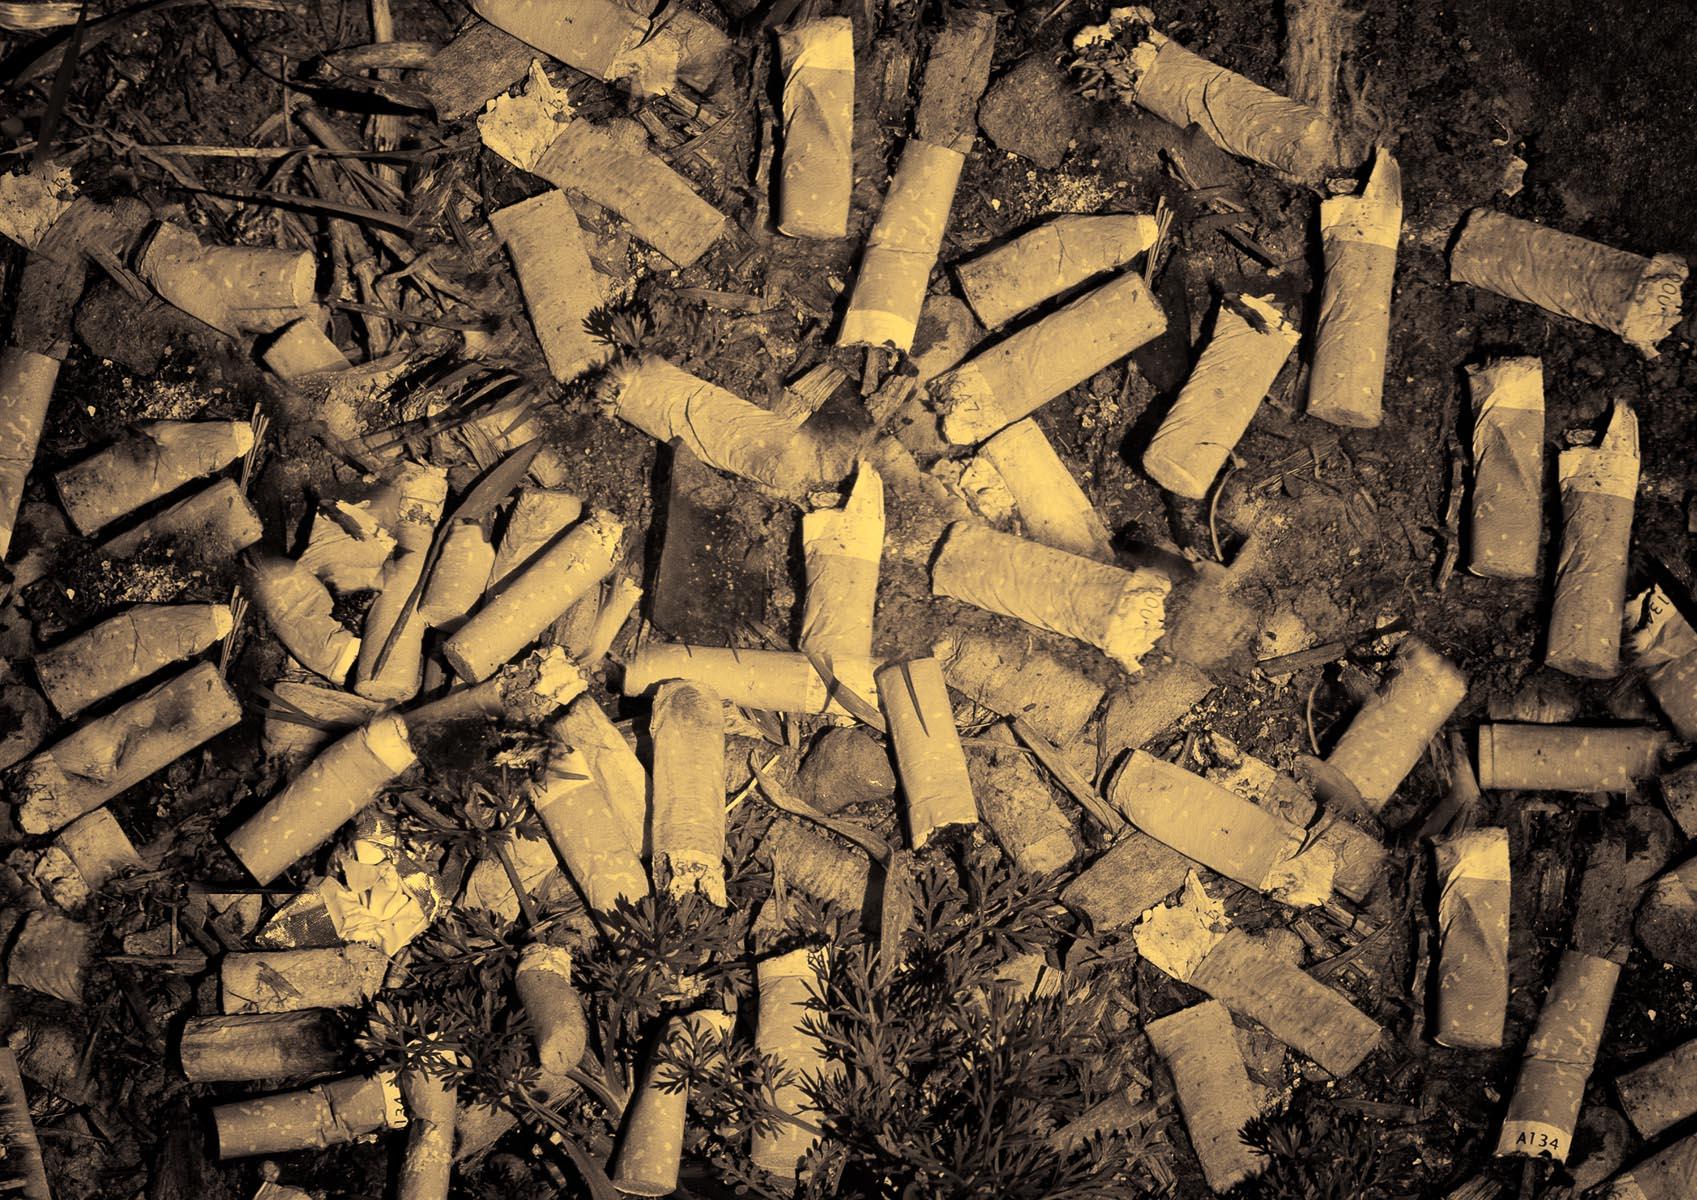 Smokin-115.jpg